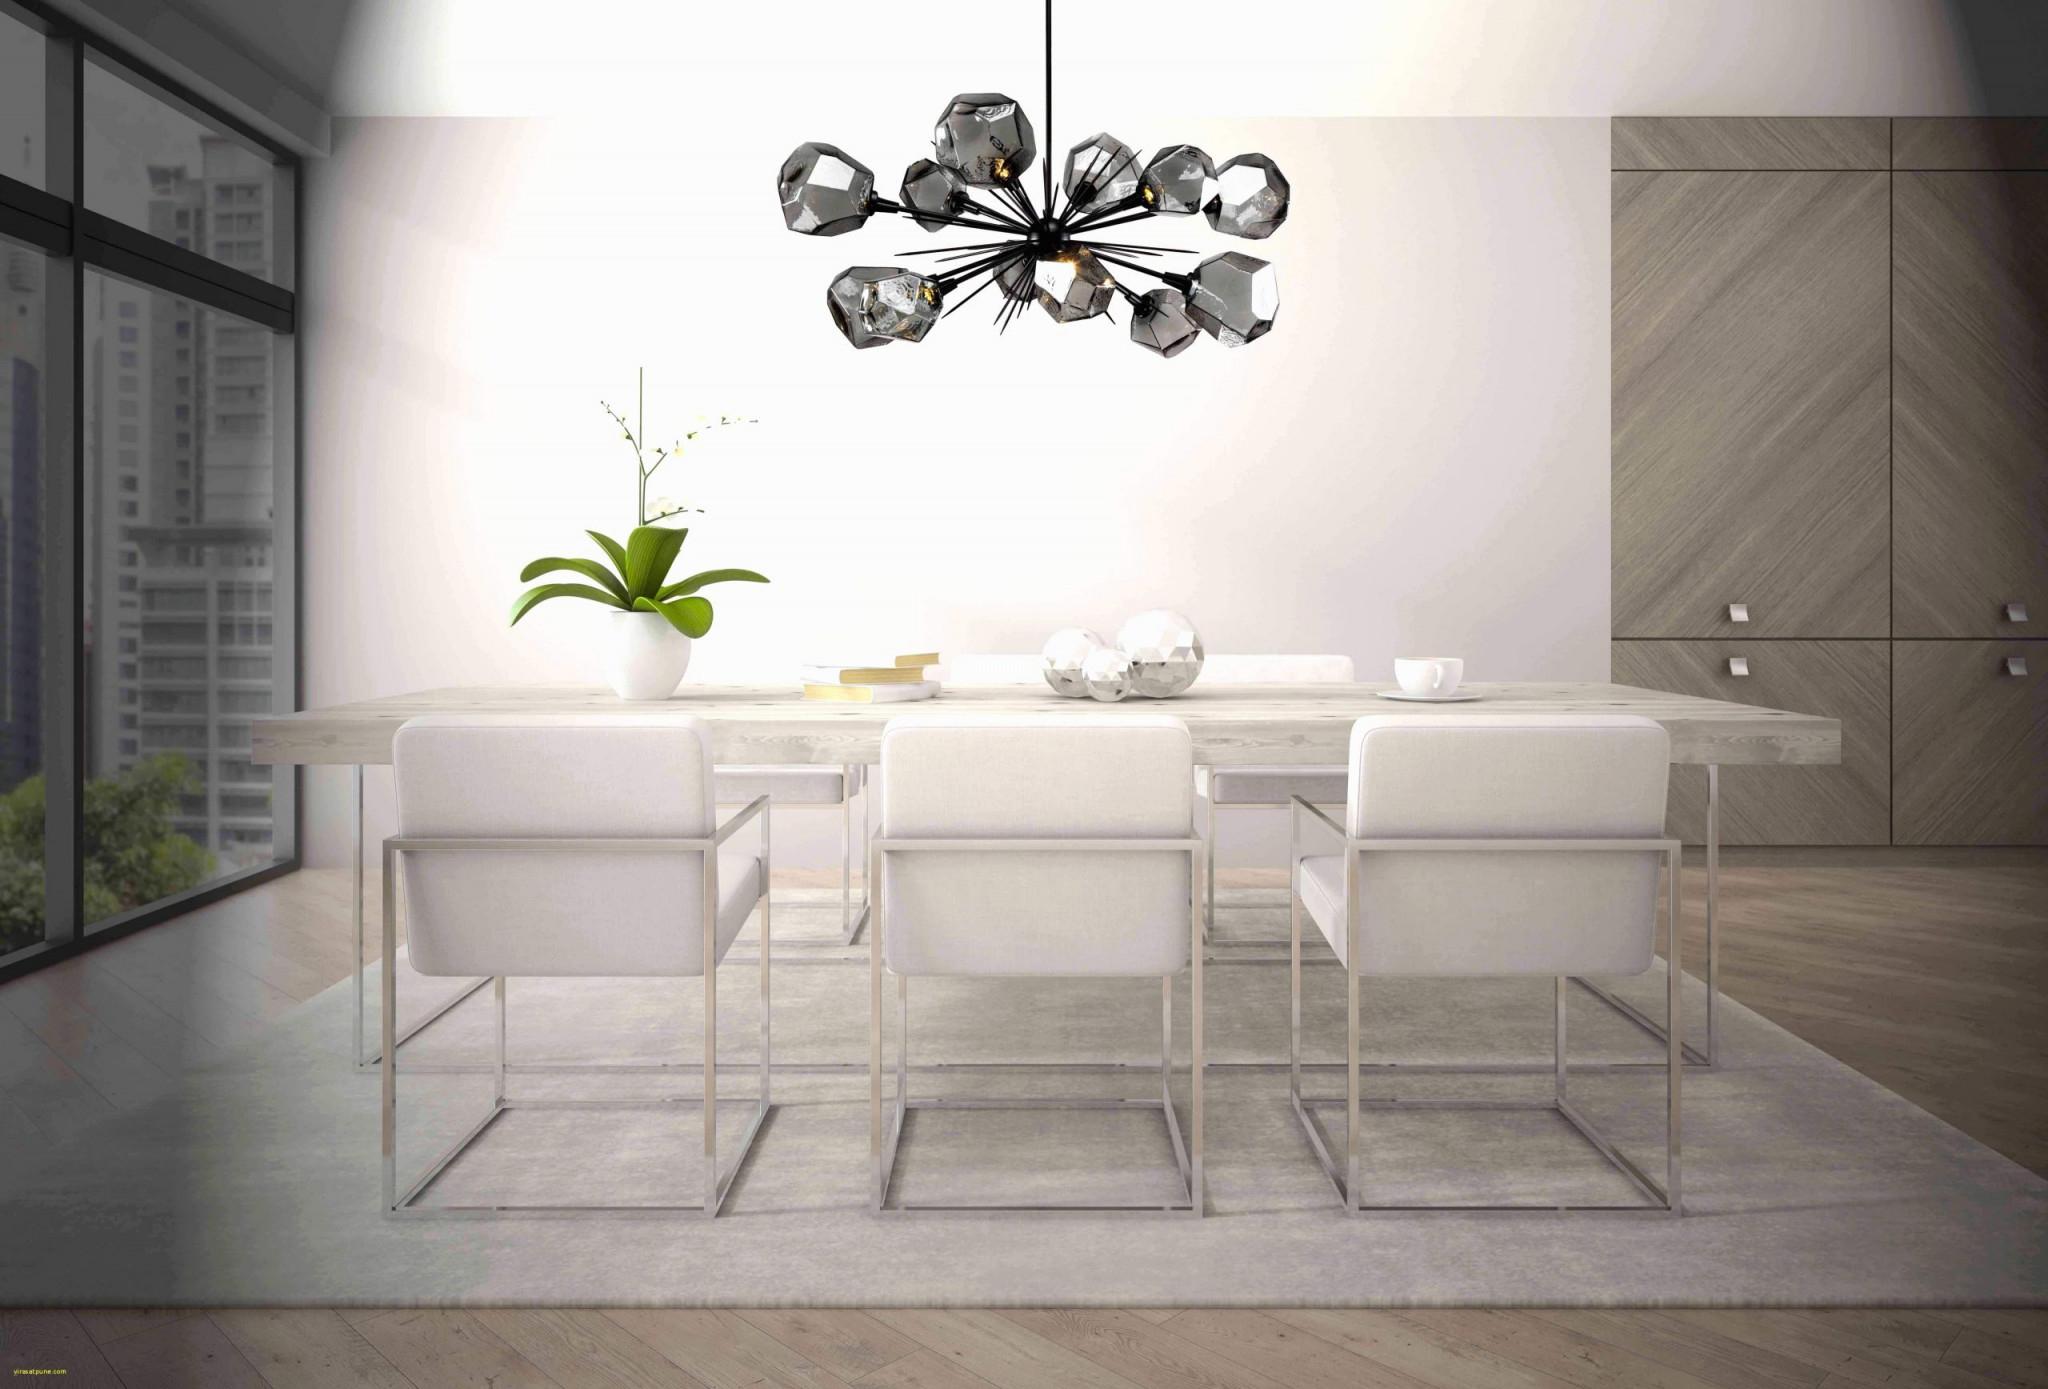 35 Luxus Wohnzimmer Deckenleuchte Modern Reizend von Wohnzimmer Deckenleuchte Modern Photo